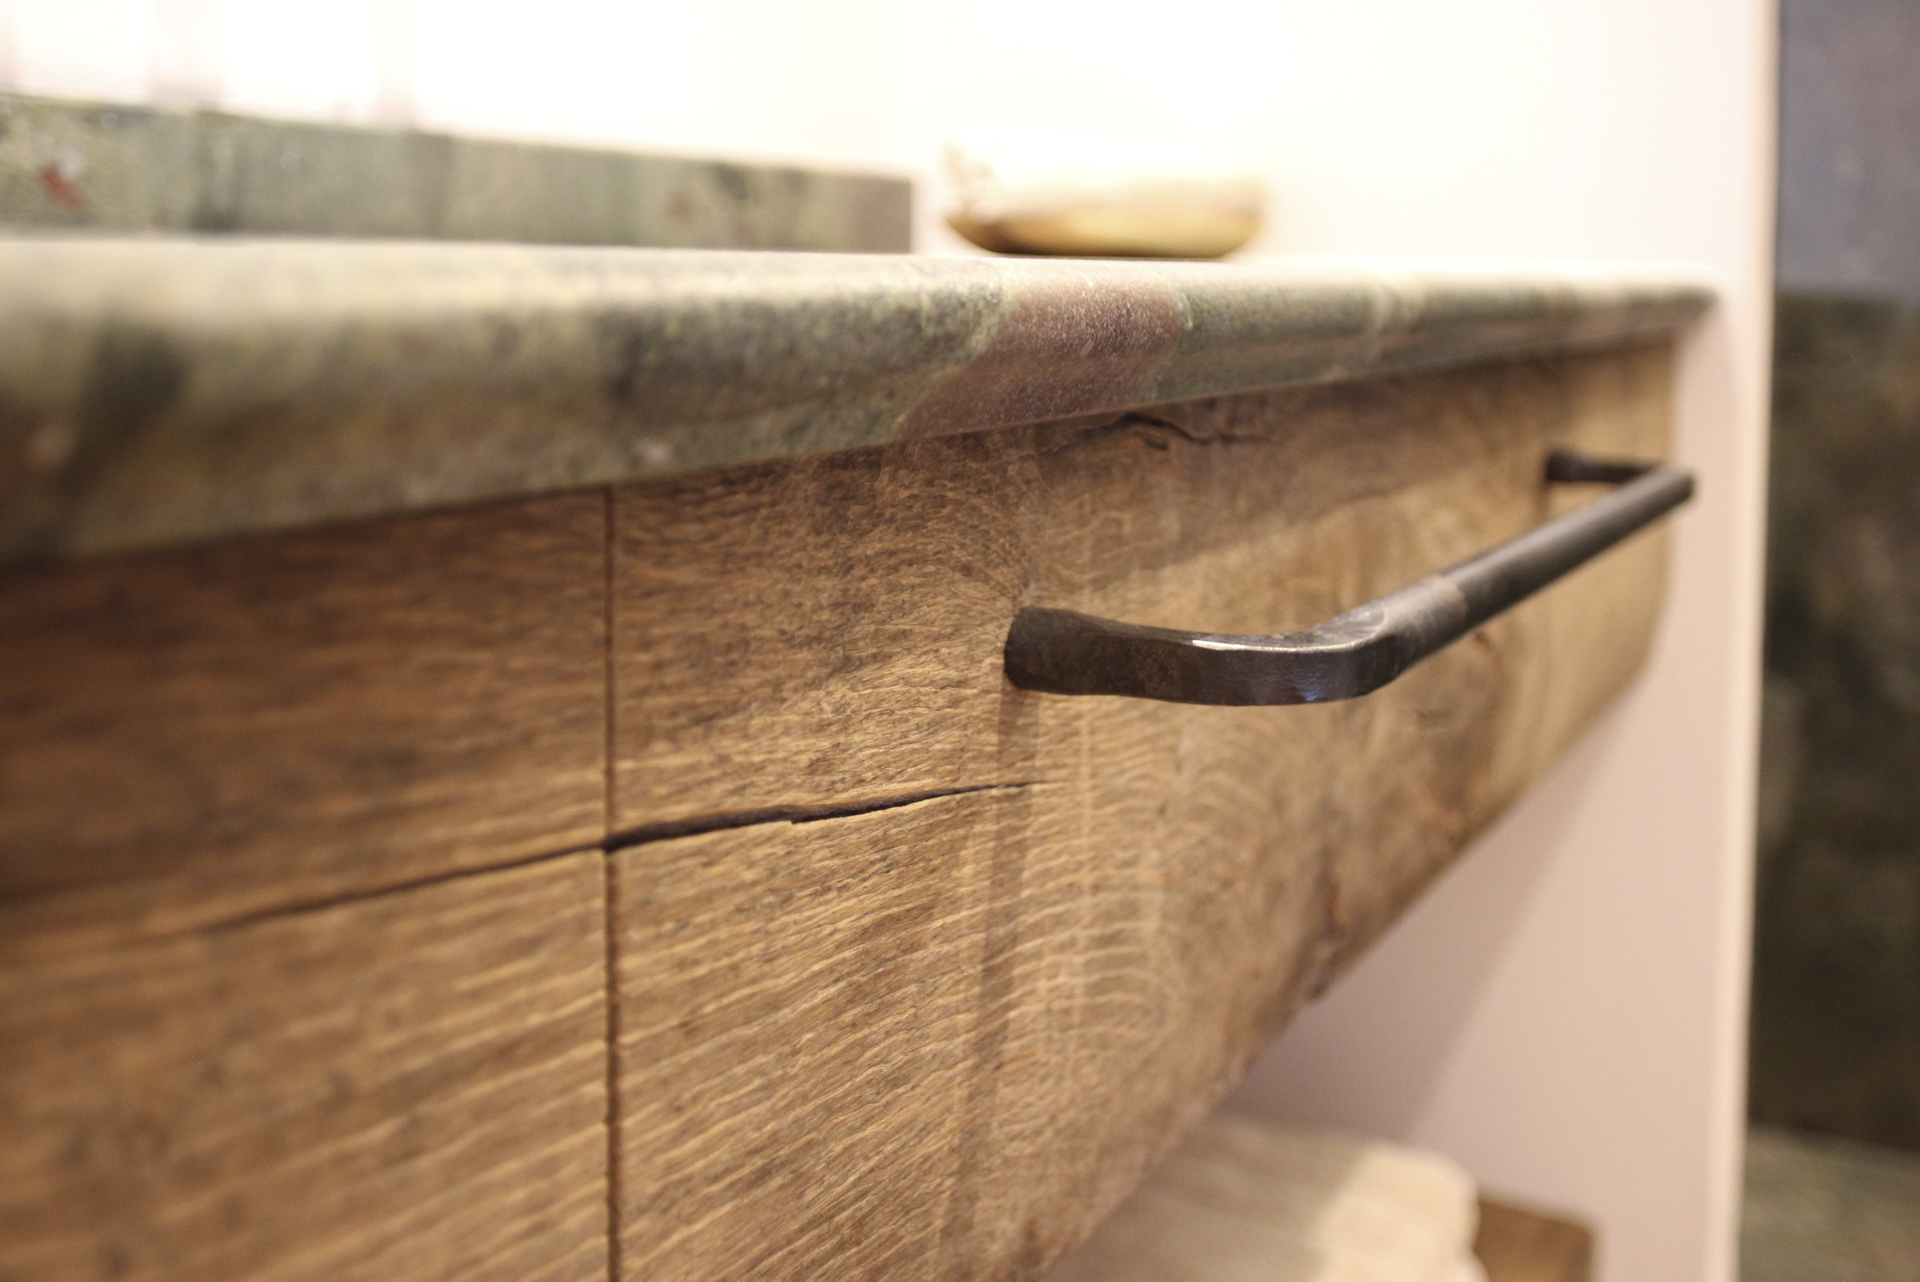 tischlerei-decker-landhaus-bayern-detail-schublade